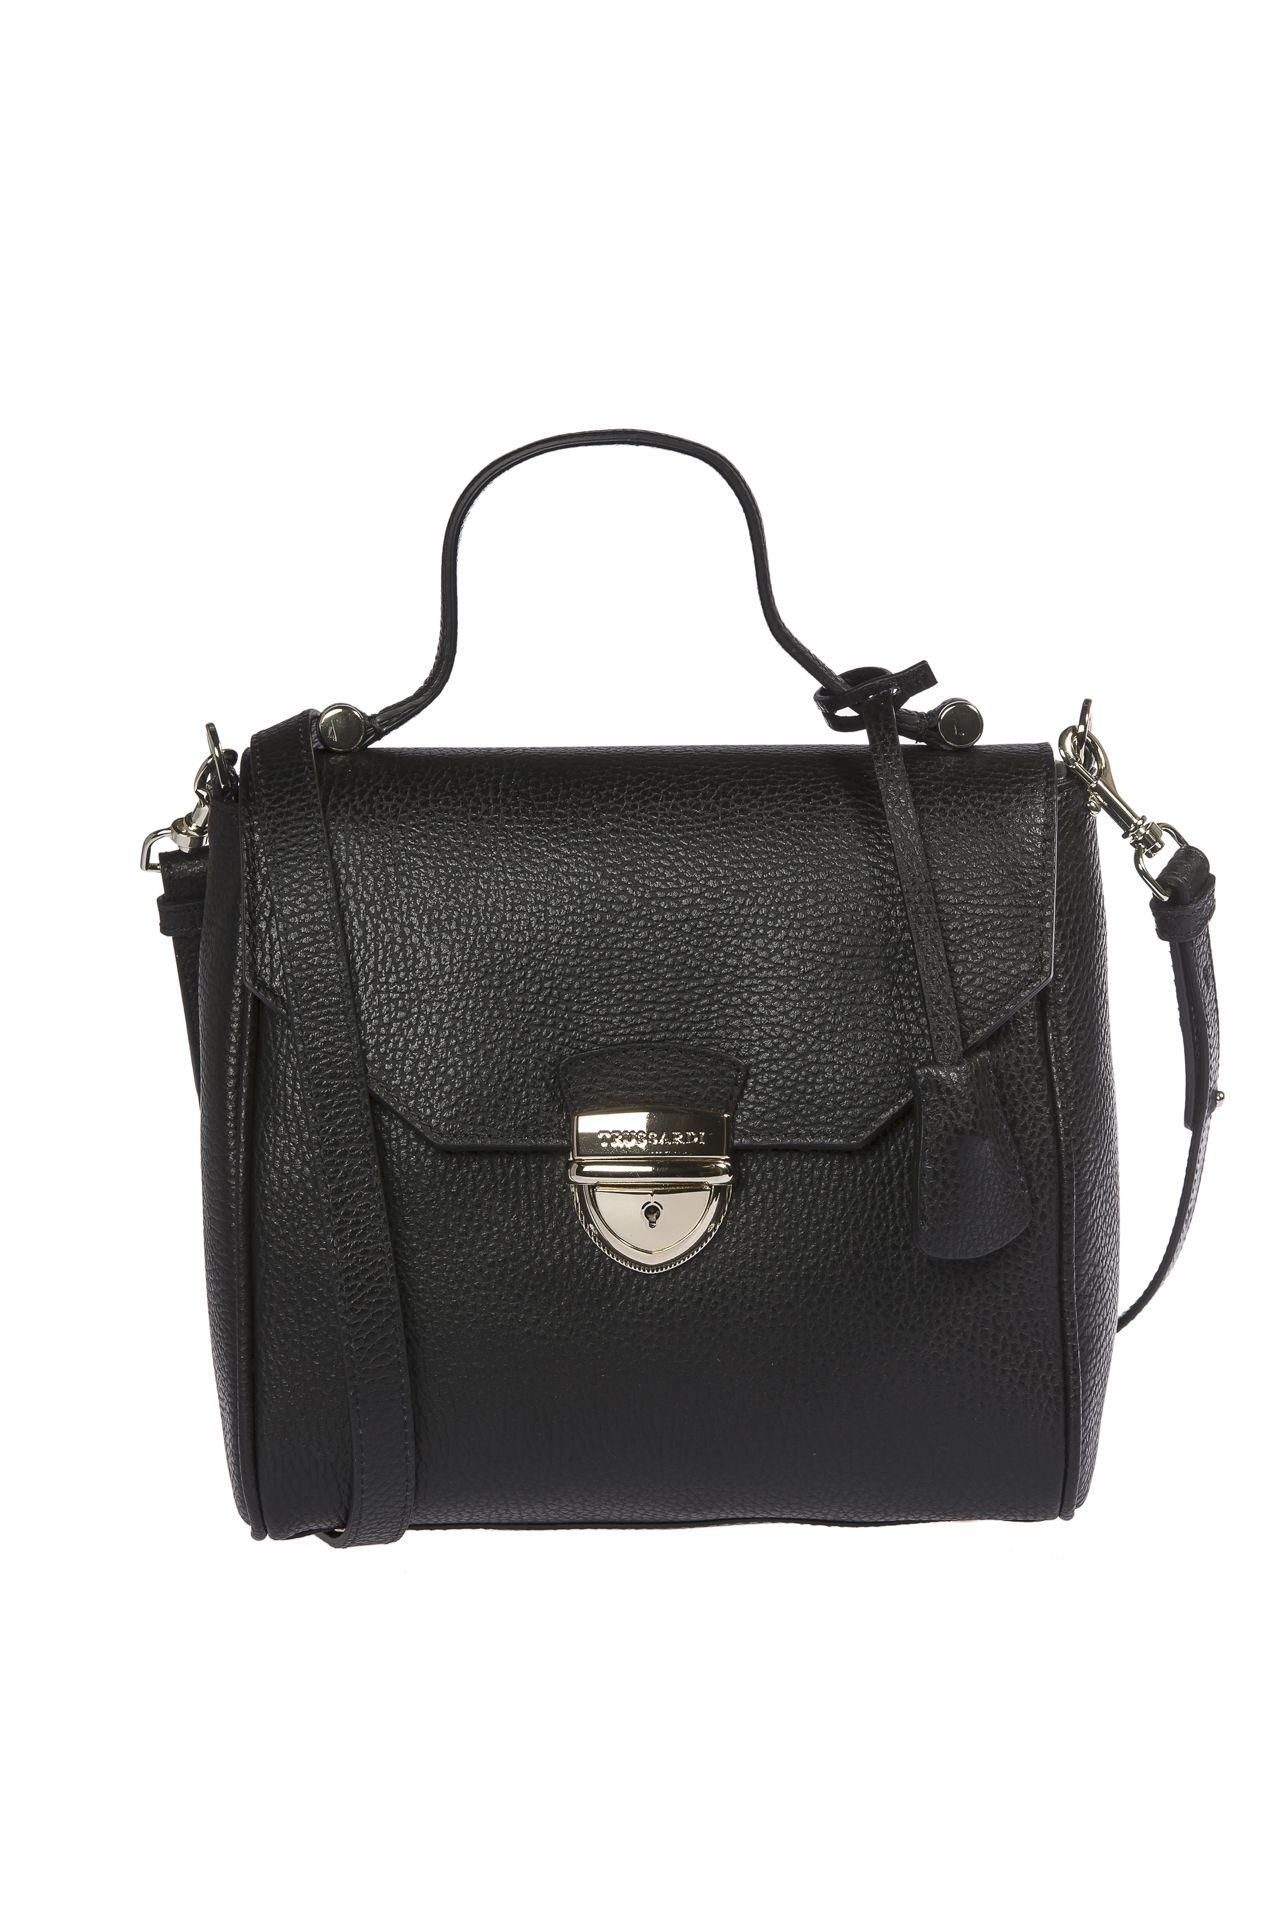 Trussardi Women's Handbag Black 1DB486_19Black